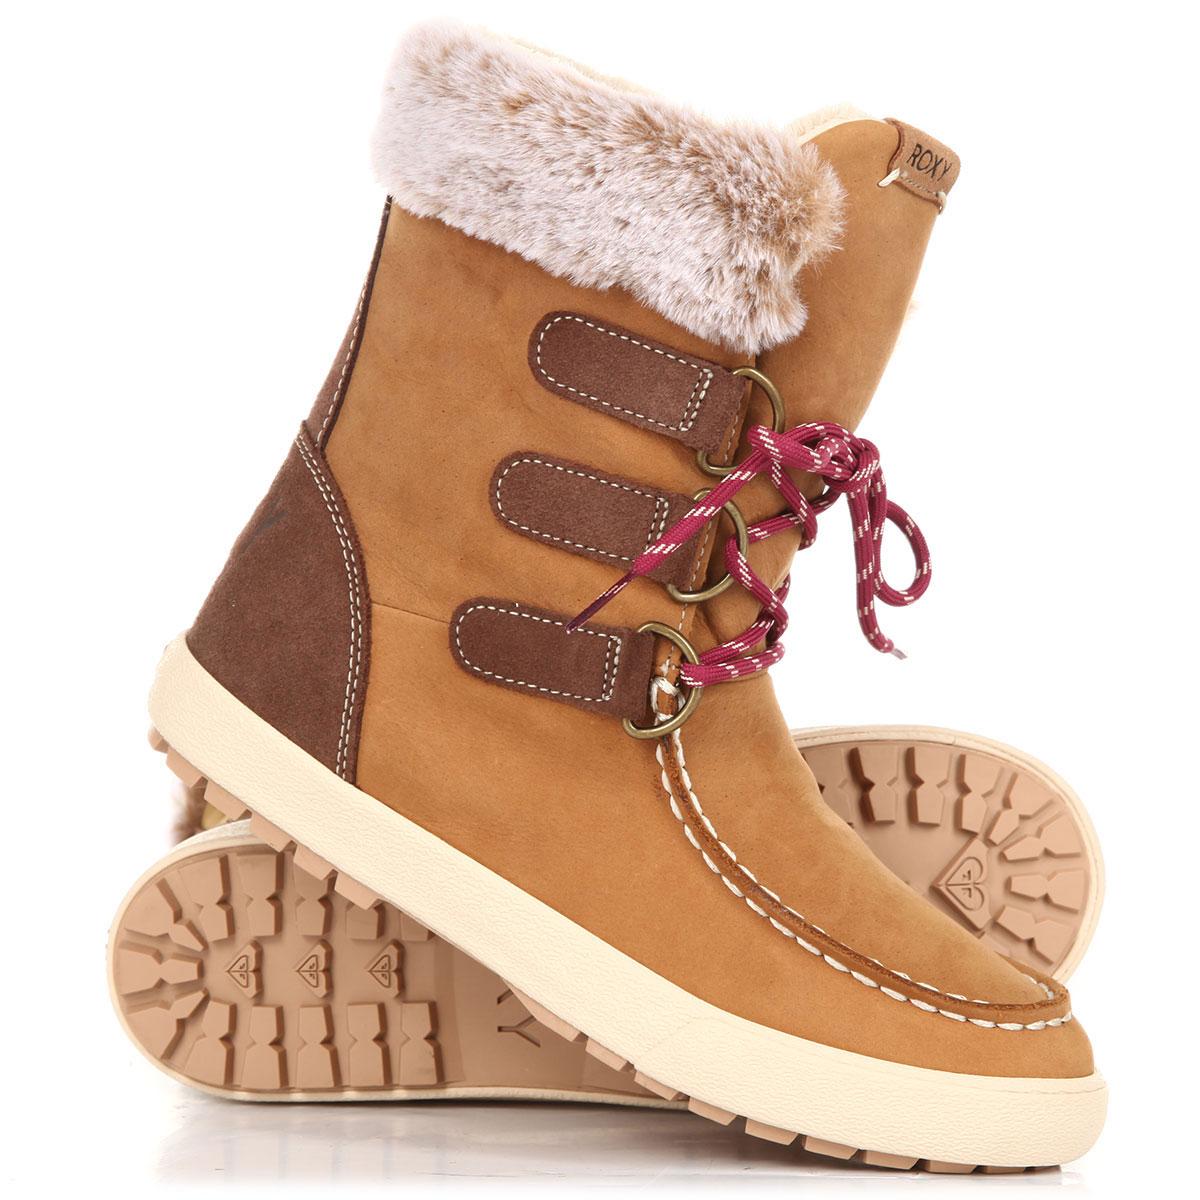 530975988f5c Купить сапоги зимние женские Roxy Rainier Ii Tan (ARJB700582-TAN) в интернет -магазине Proskater.ru